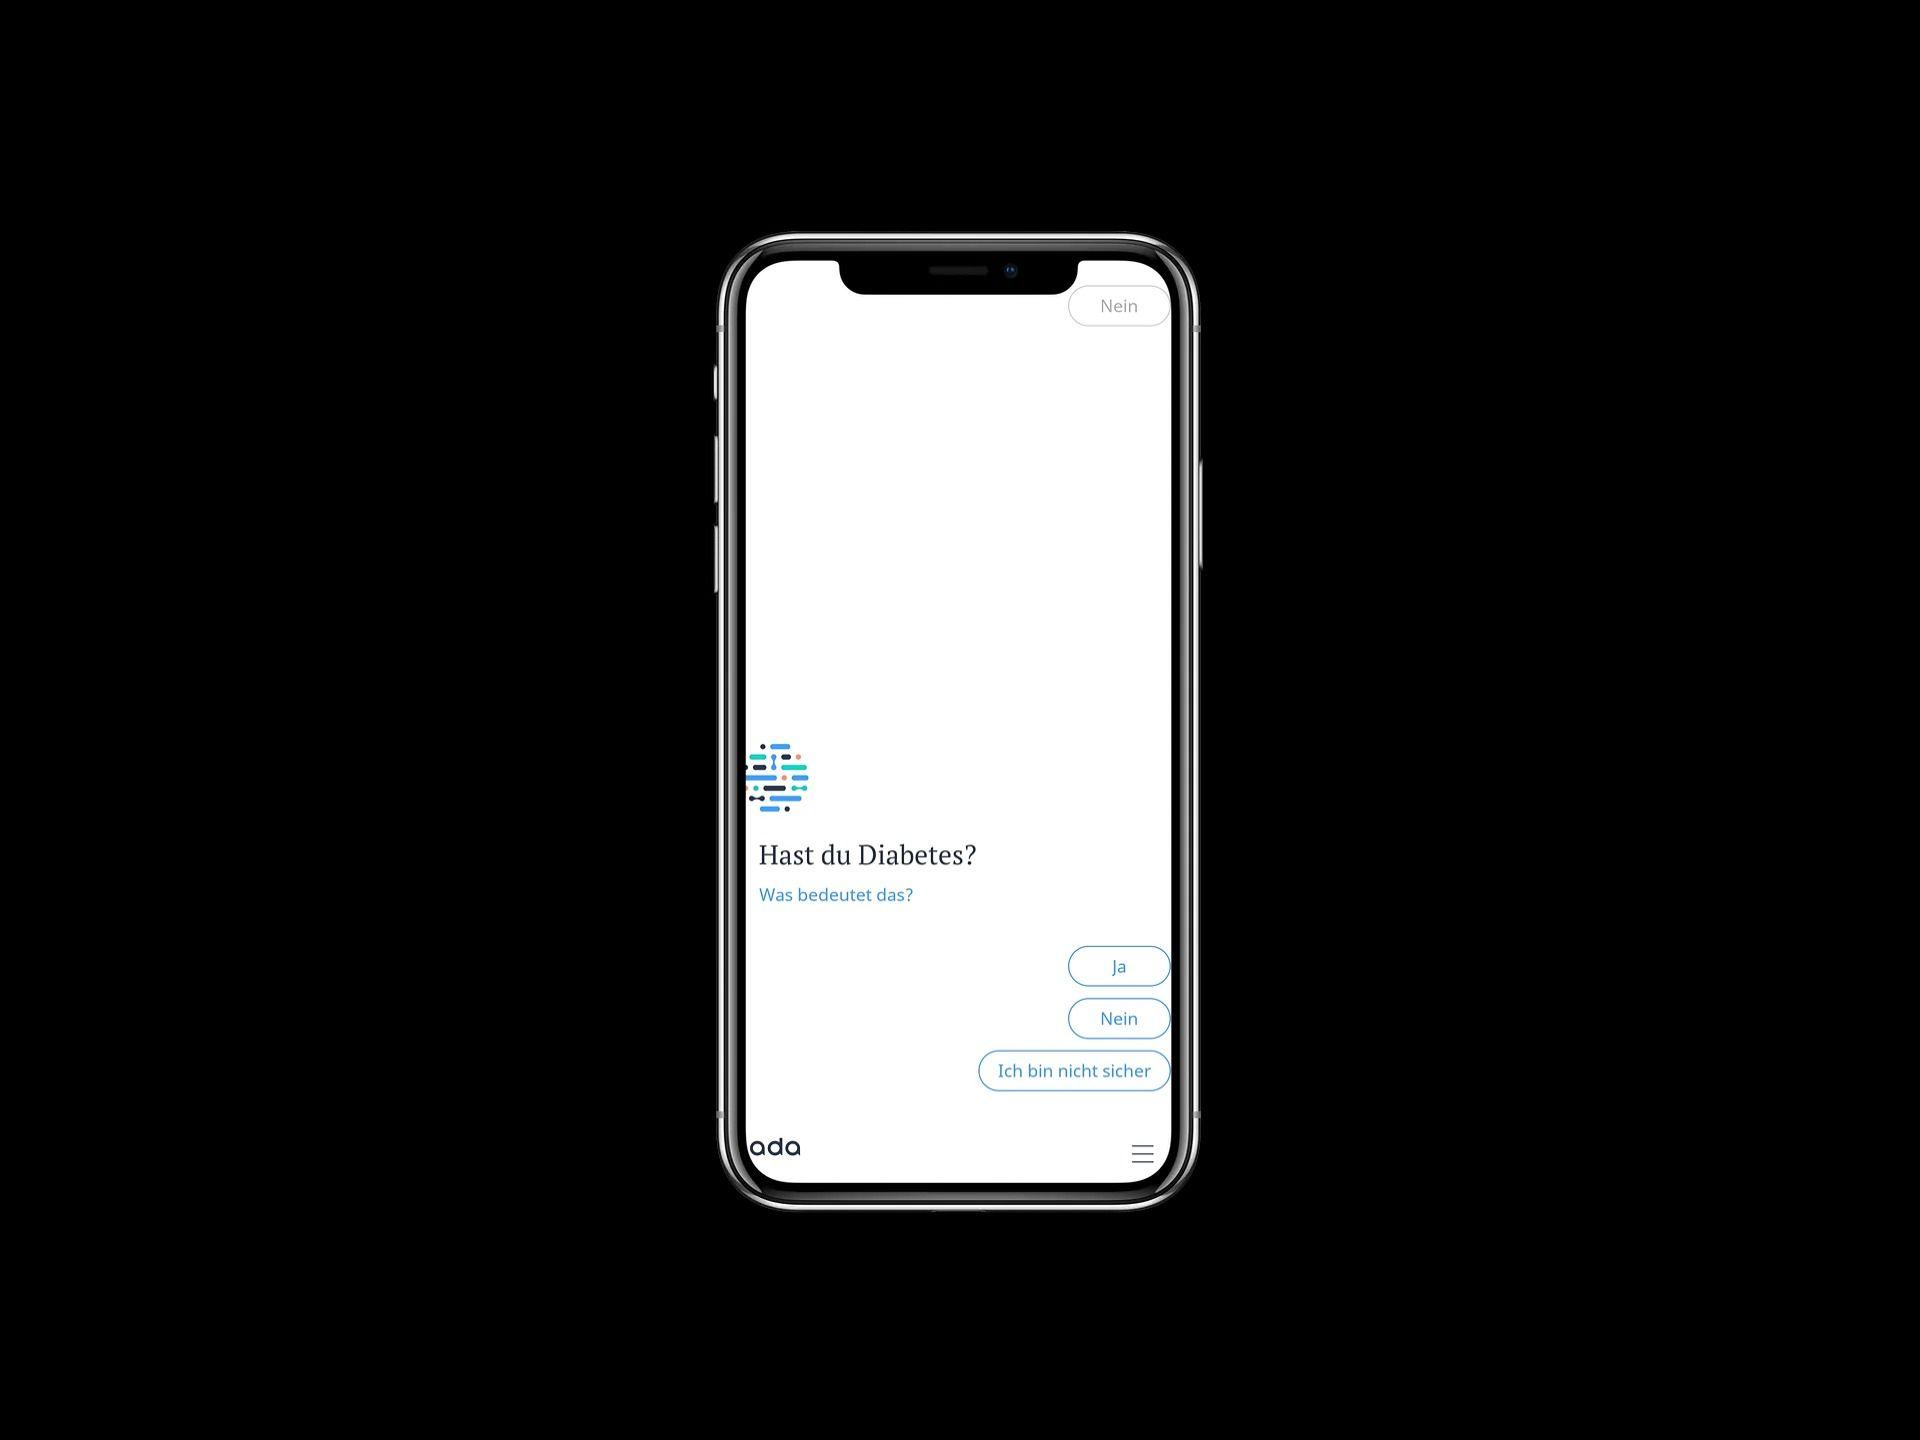 Play Store Weißer Bildschirm